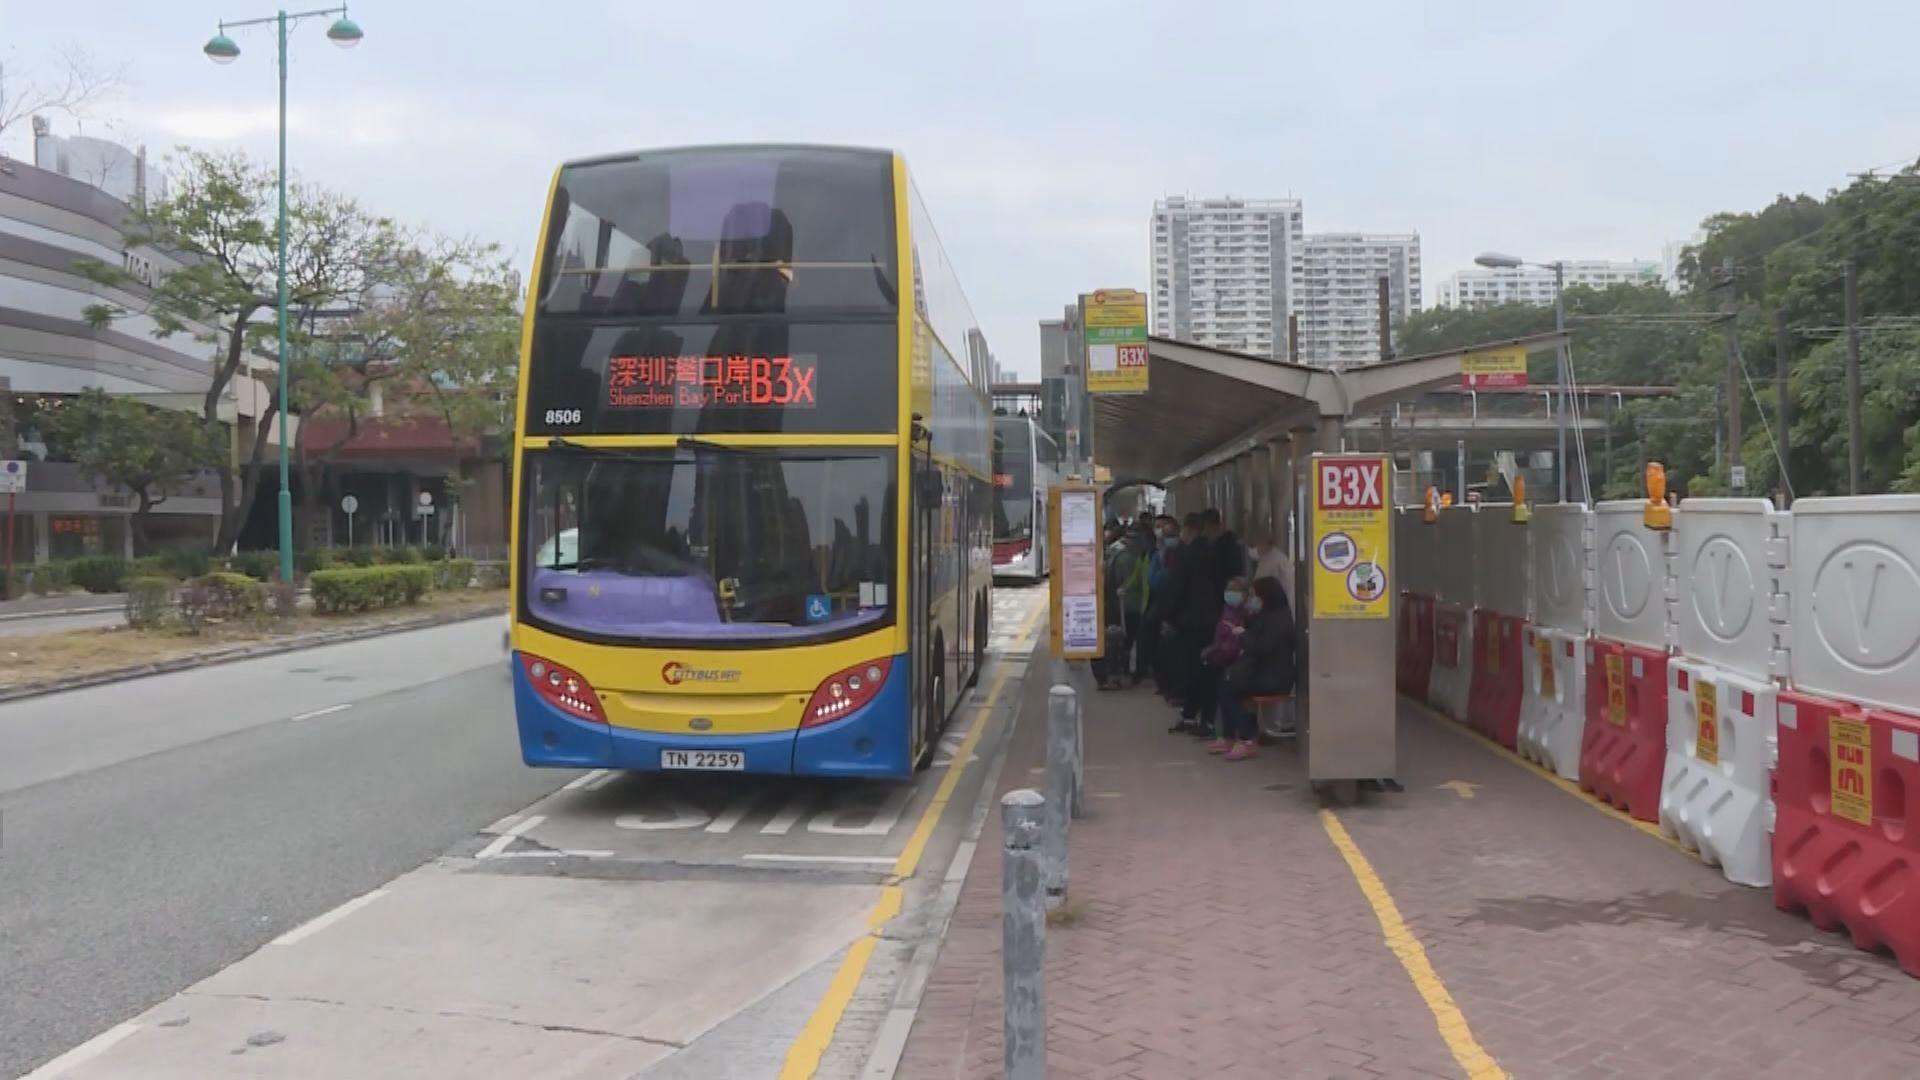 香港入境深圳須出示隔離酒店預約證明 市民指措施繁複